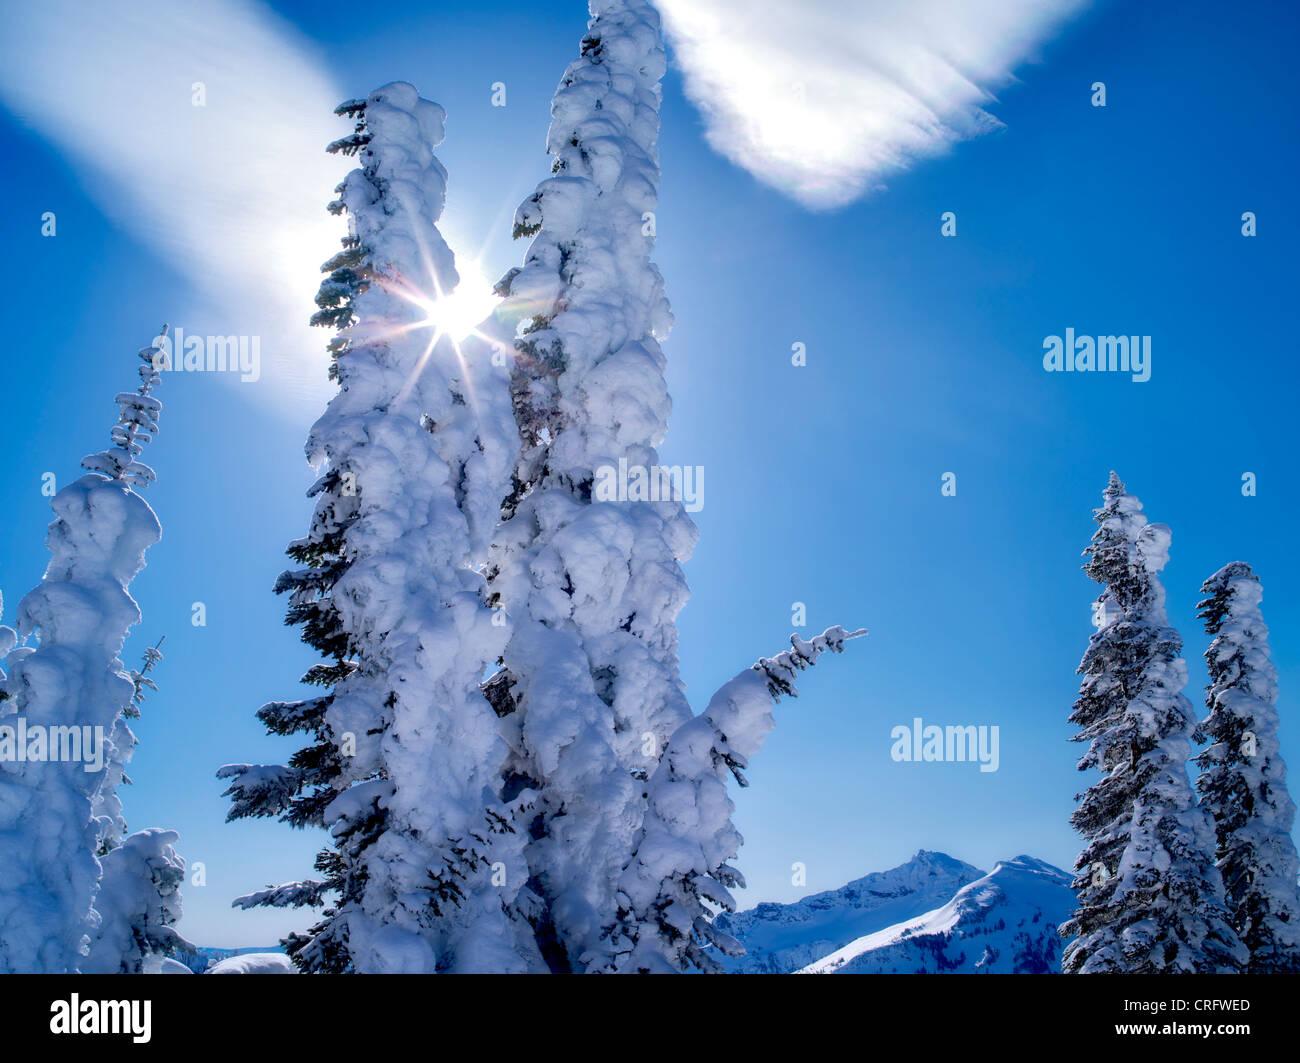 Schneebedeckte Bäume mit Sunburst und Cloud. Mt. Rainier Nationalpark, Washington Stockbild